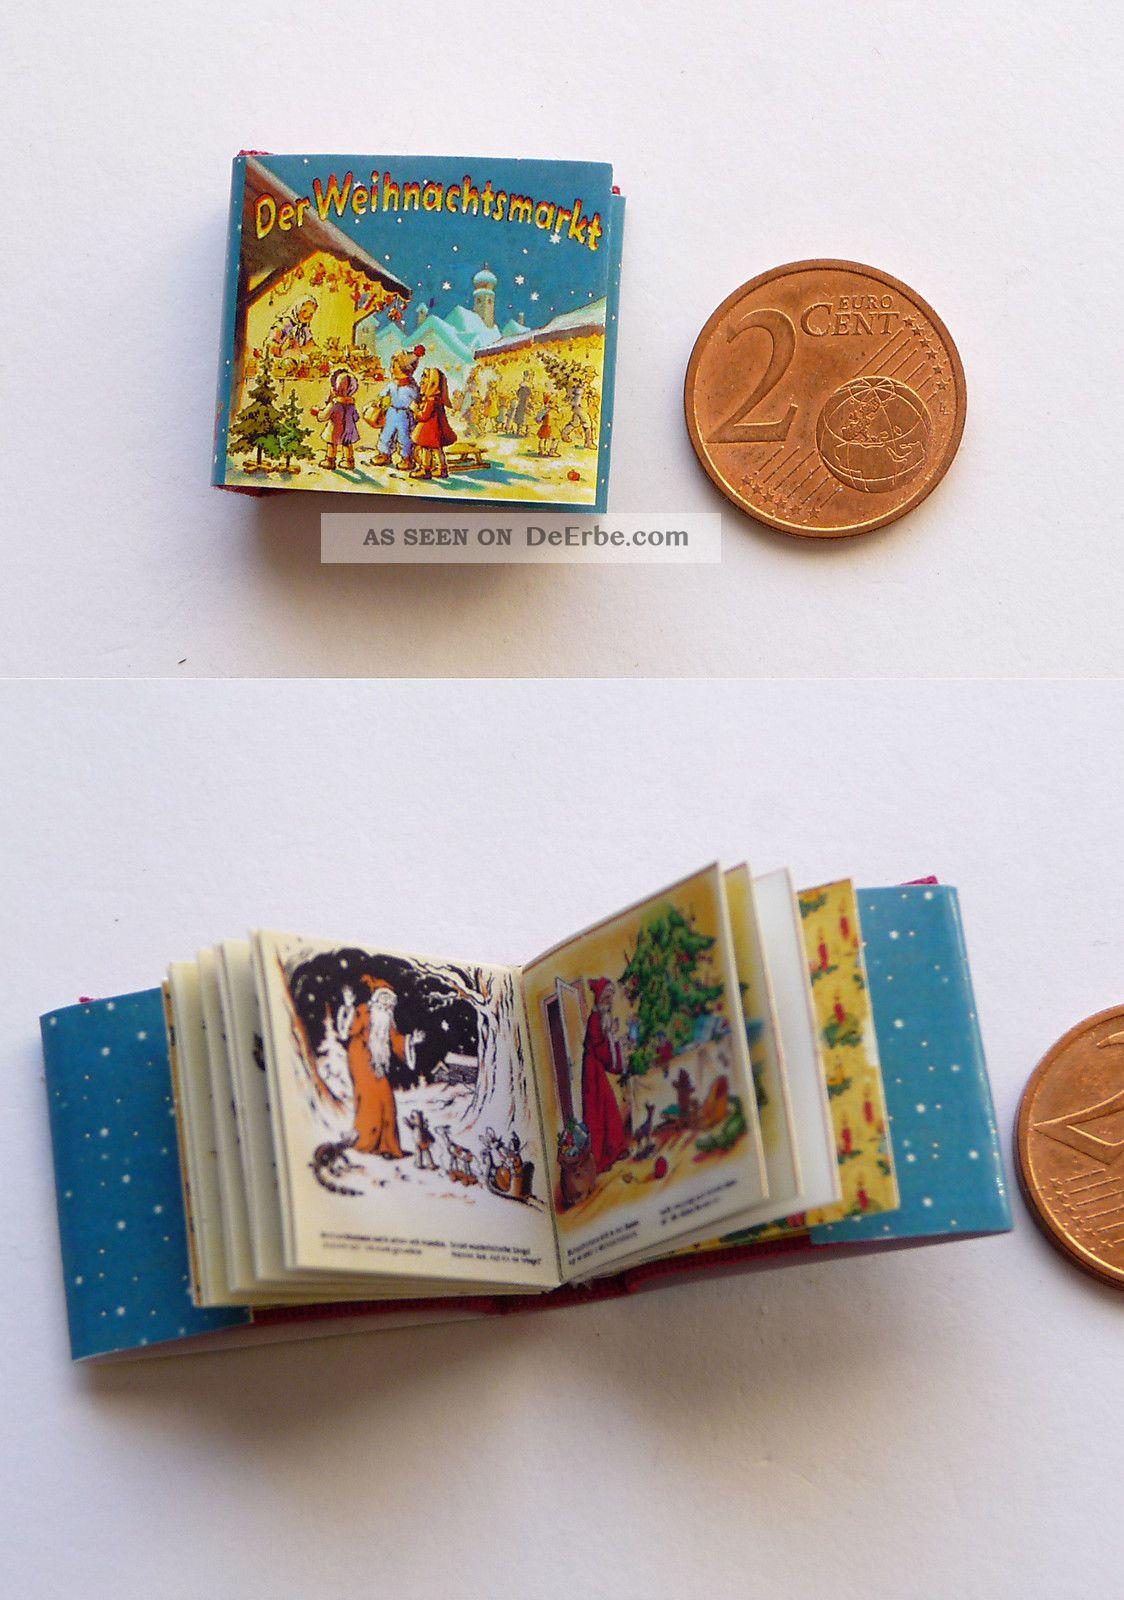 Winziges Miniatur Buch Der Weihnachtsmarkt Für Die Puppenstube Puppenstuben & -häuser Bild